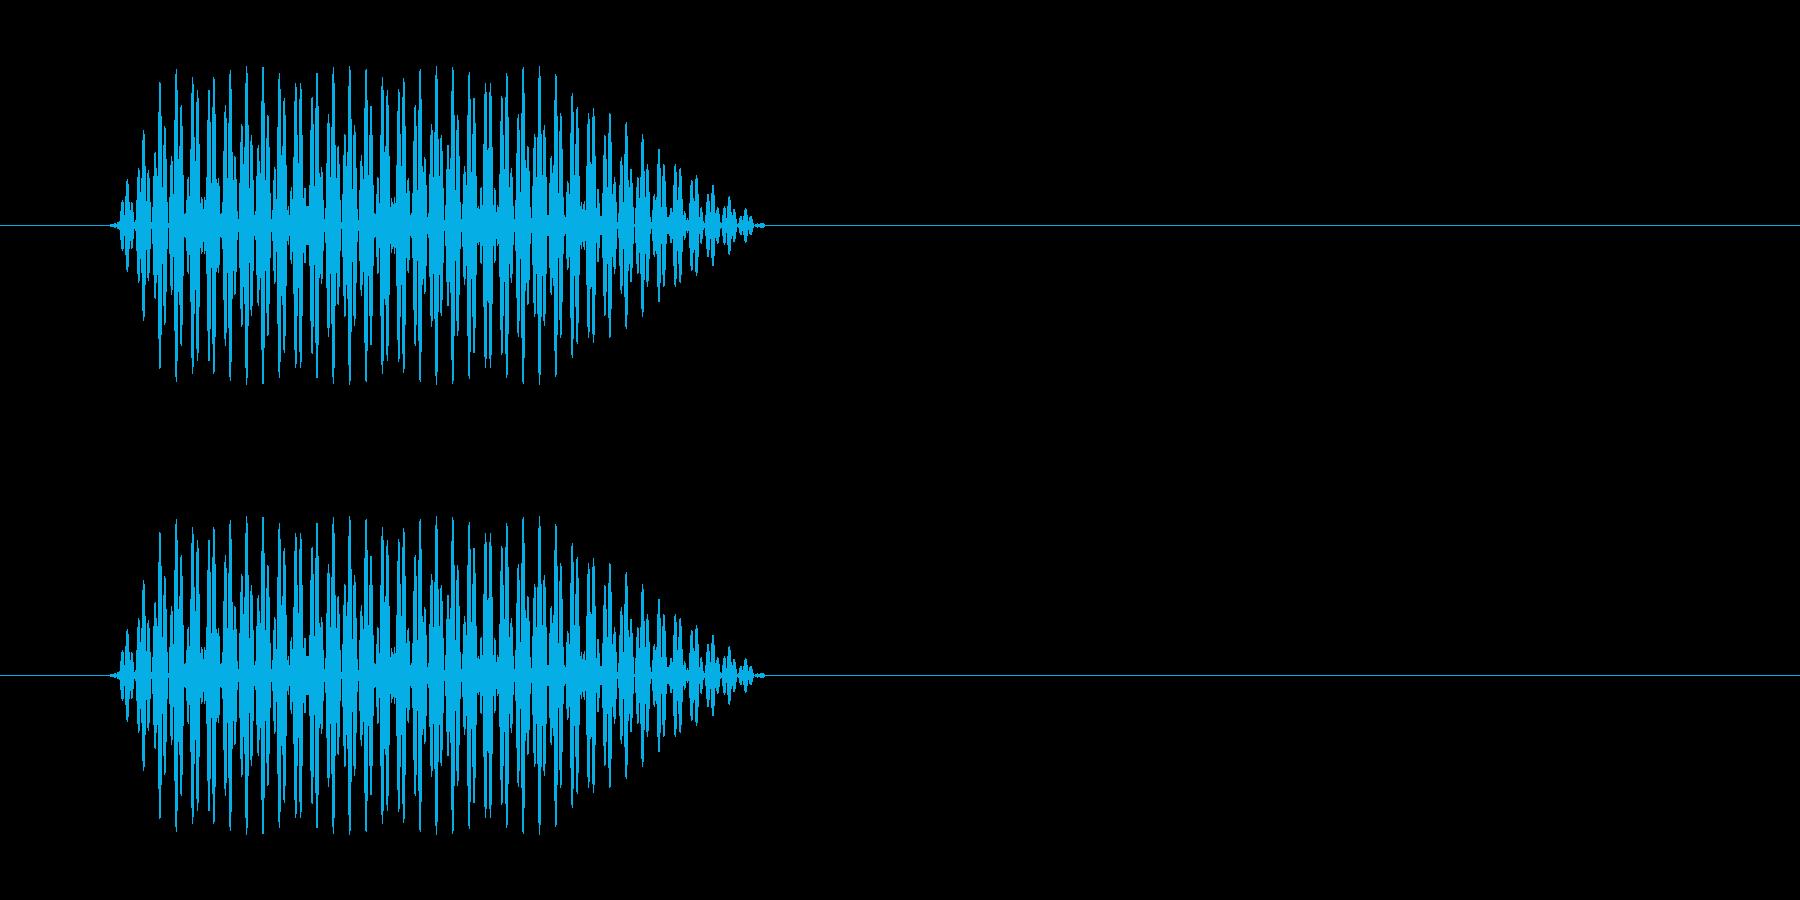 プッ(電話のプッシュ音)の再生済みの波形